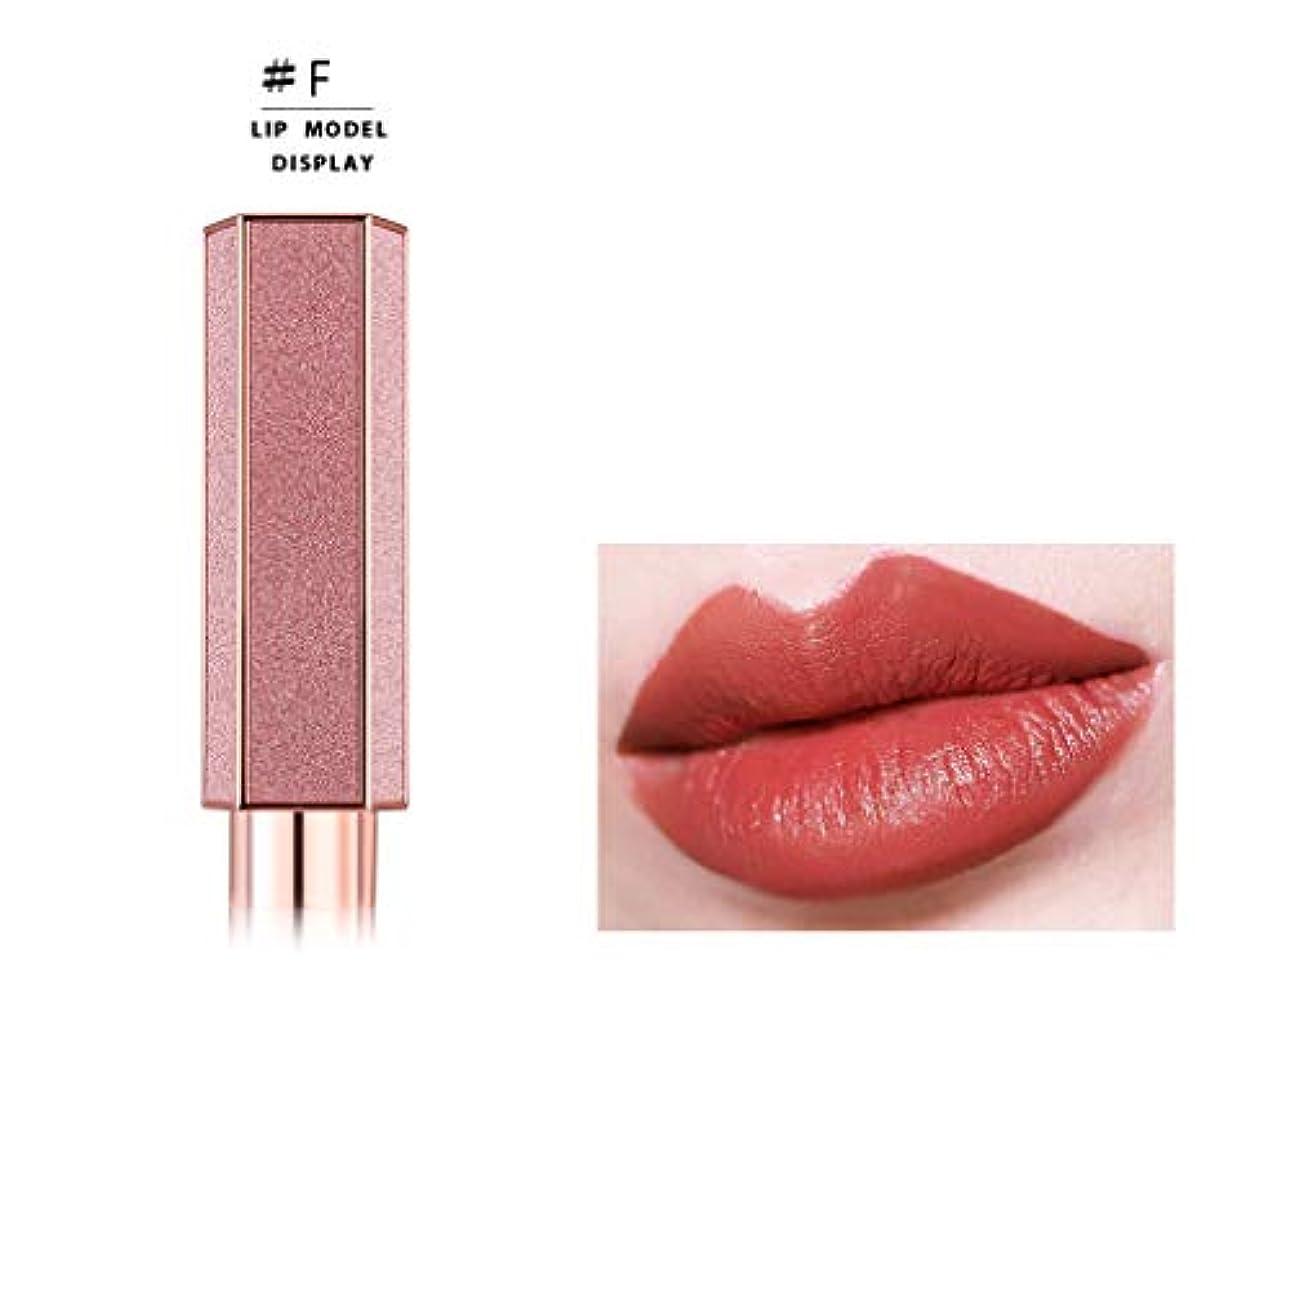 発明する害物理学者化粧品のWODWODの星空の口紅の口紅の長続きがする保湿の美